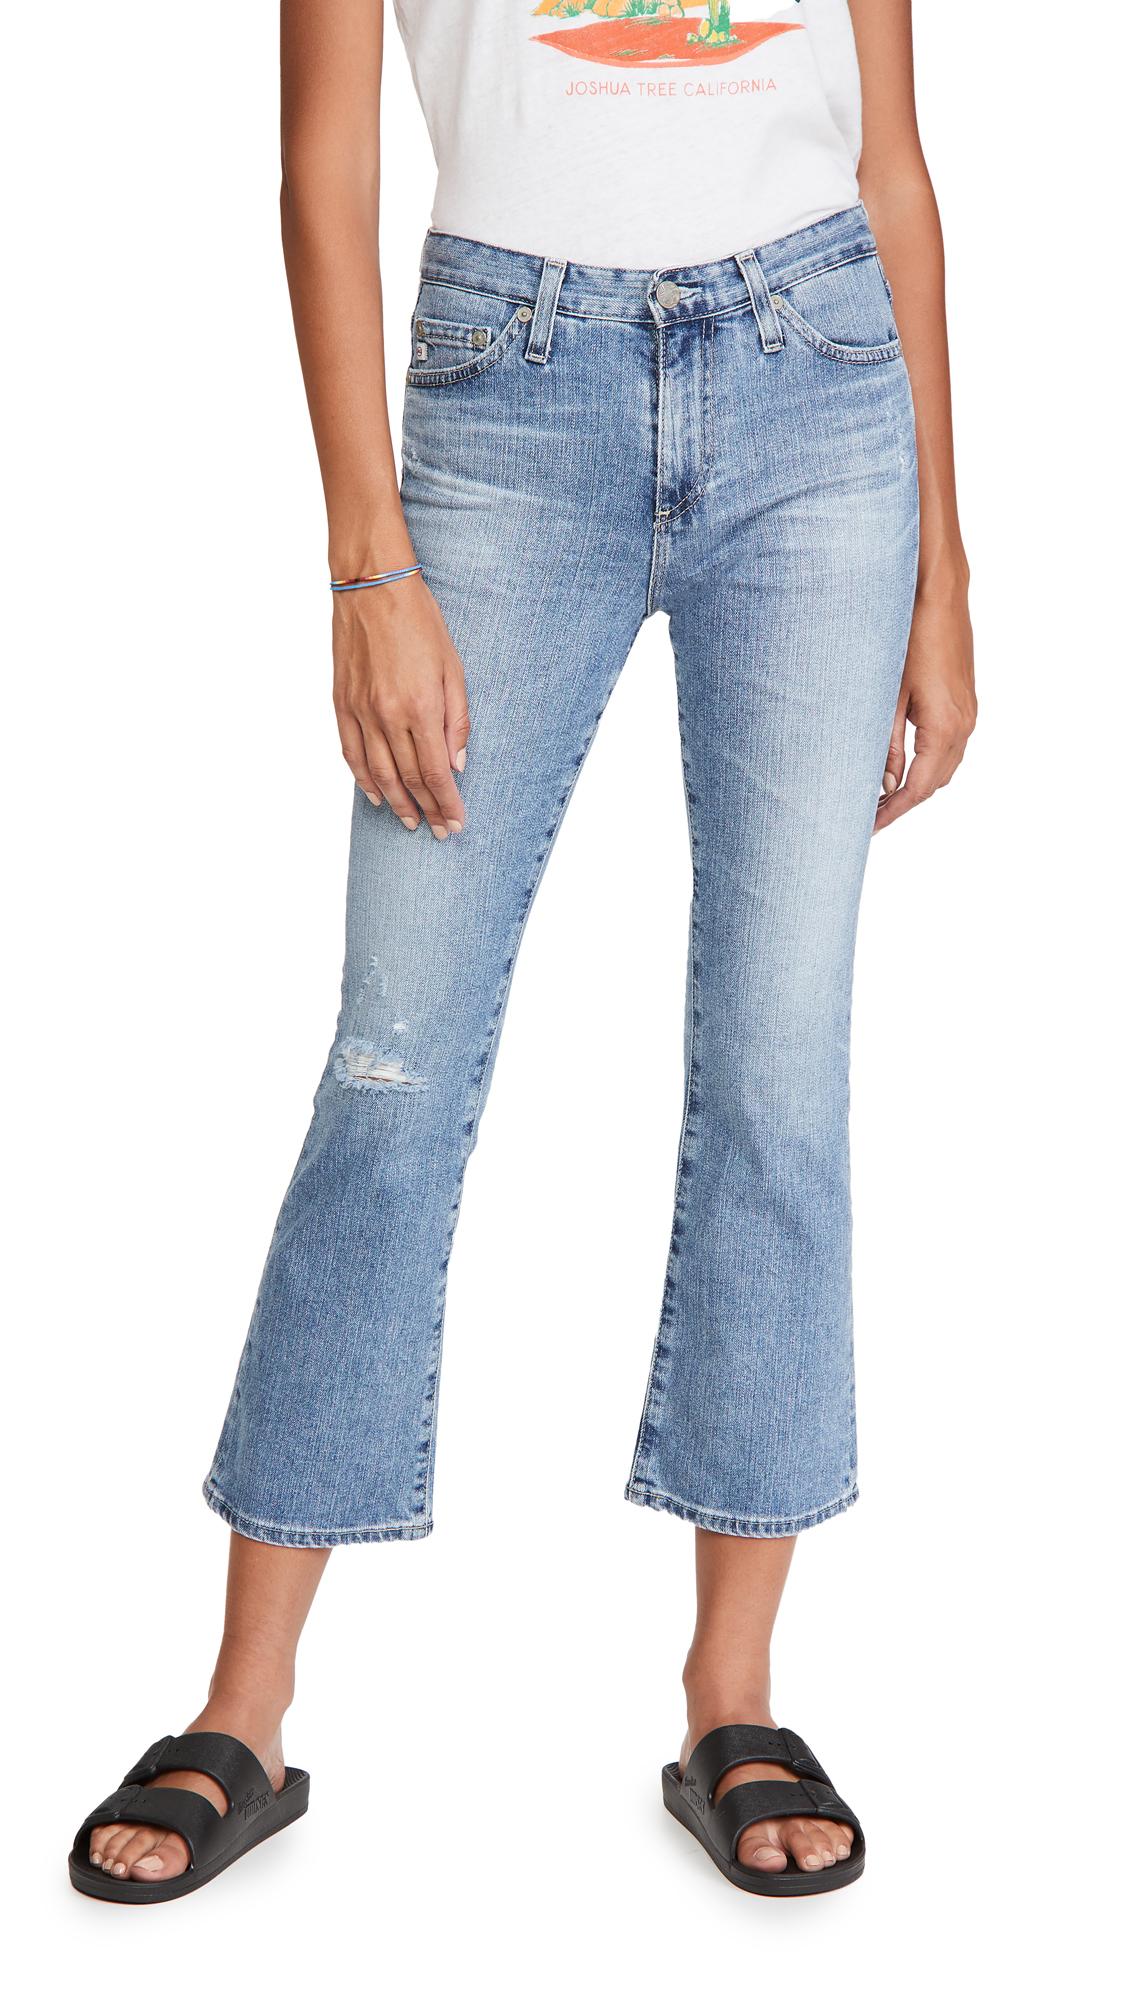 AG Jodi Crop Jeans